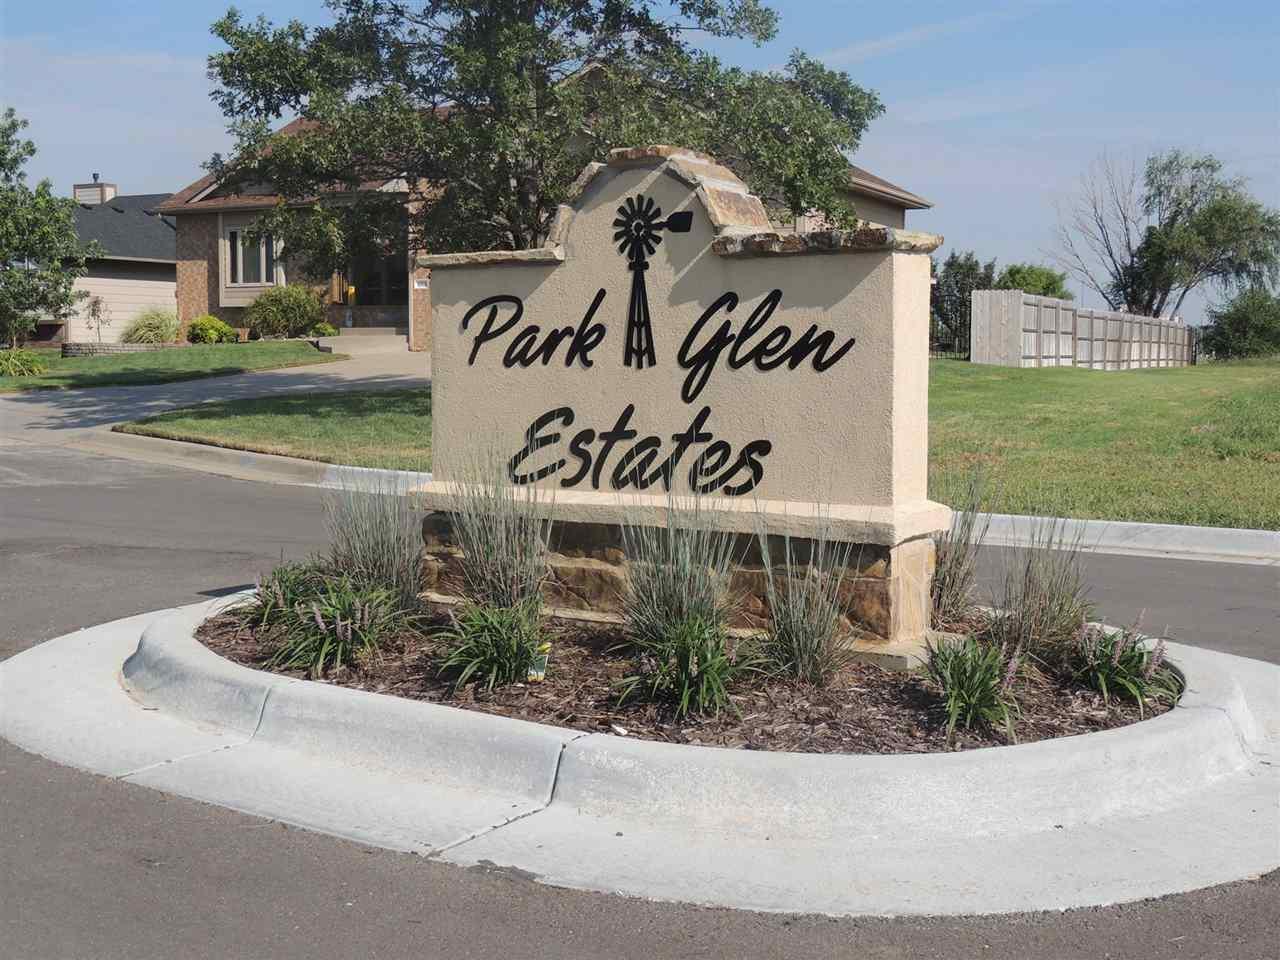 1105 E PARK GLEN ST, Clearwater, KS 67026